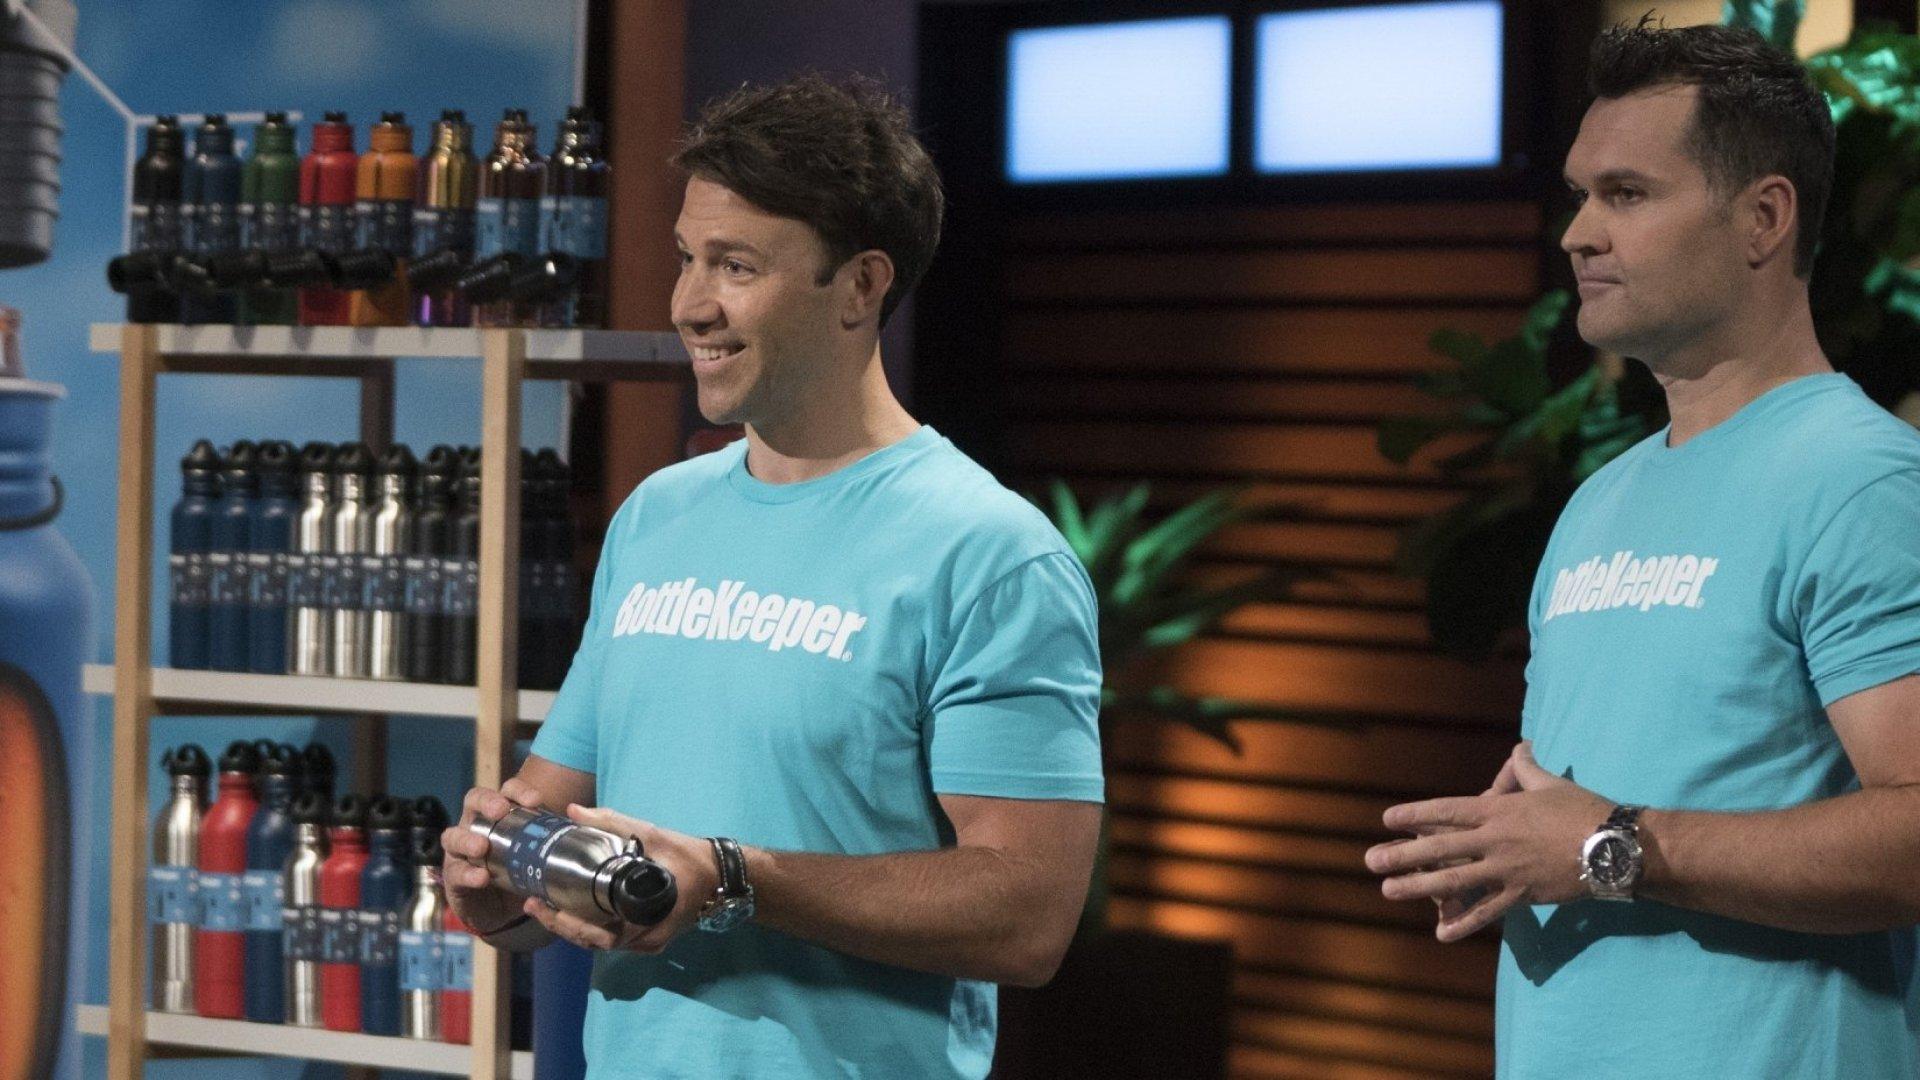 Adam Callinan and Matt Campbell, co-founders of BottleKeeper.